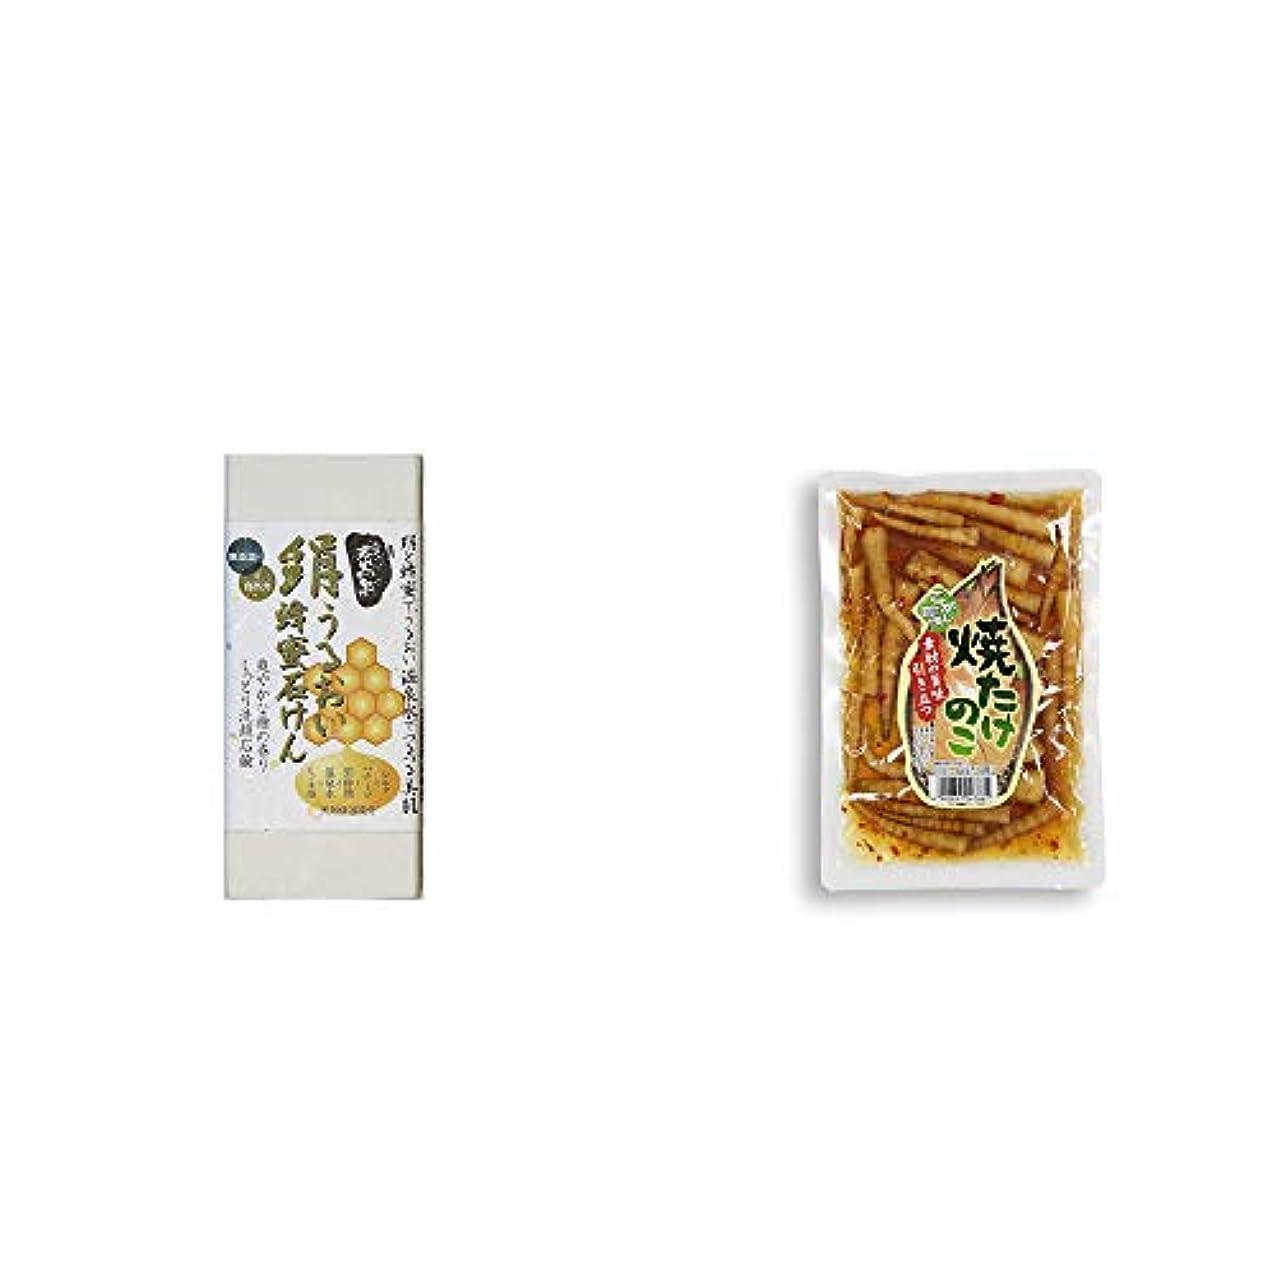 デコードする幻滅亡命[2点セット] ひのき炭黒泉 絹うるおい蜂蜜石けん(75g×2)?焼たけのこ(300g)